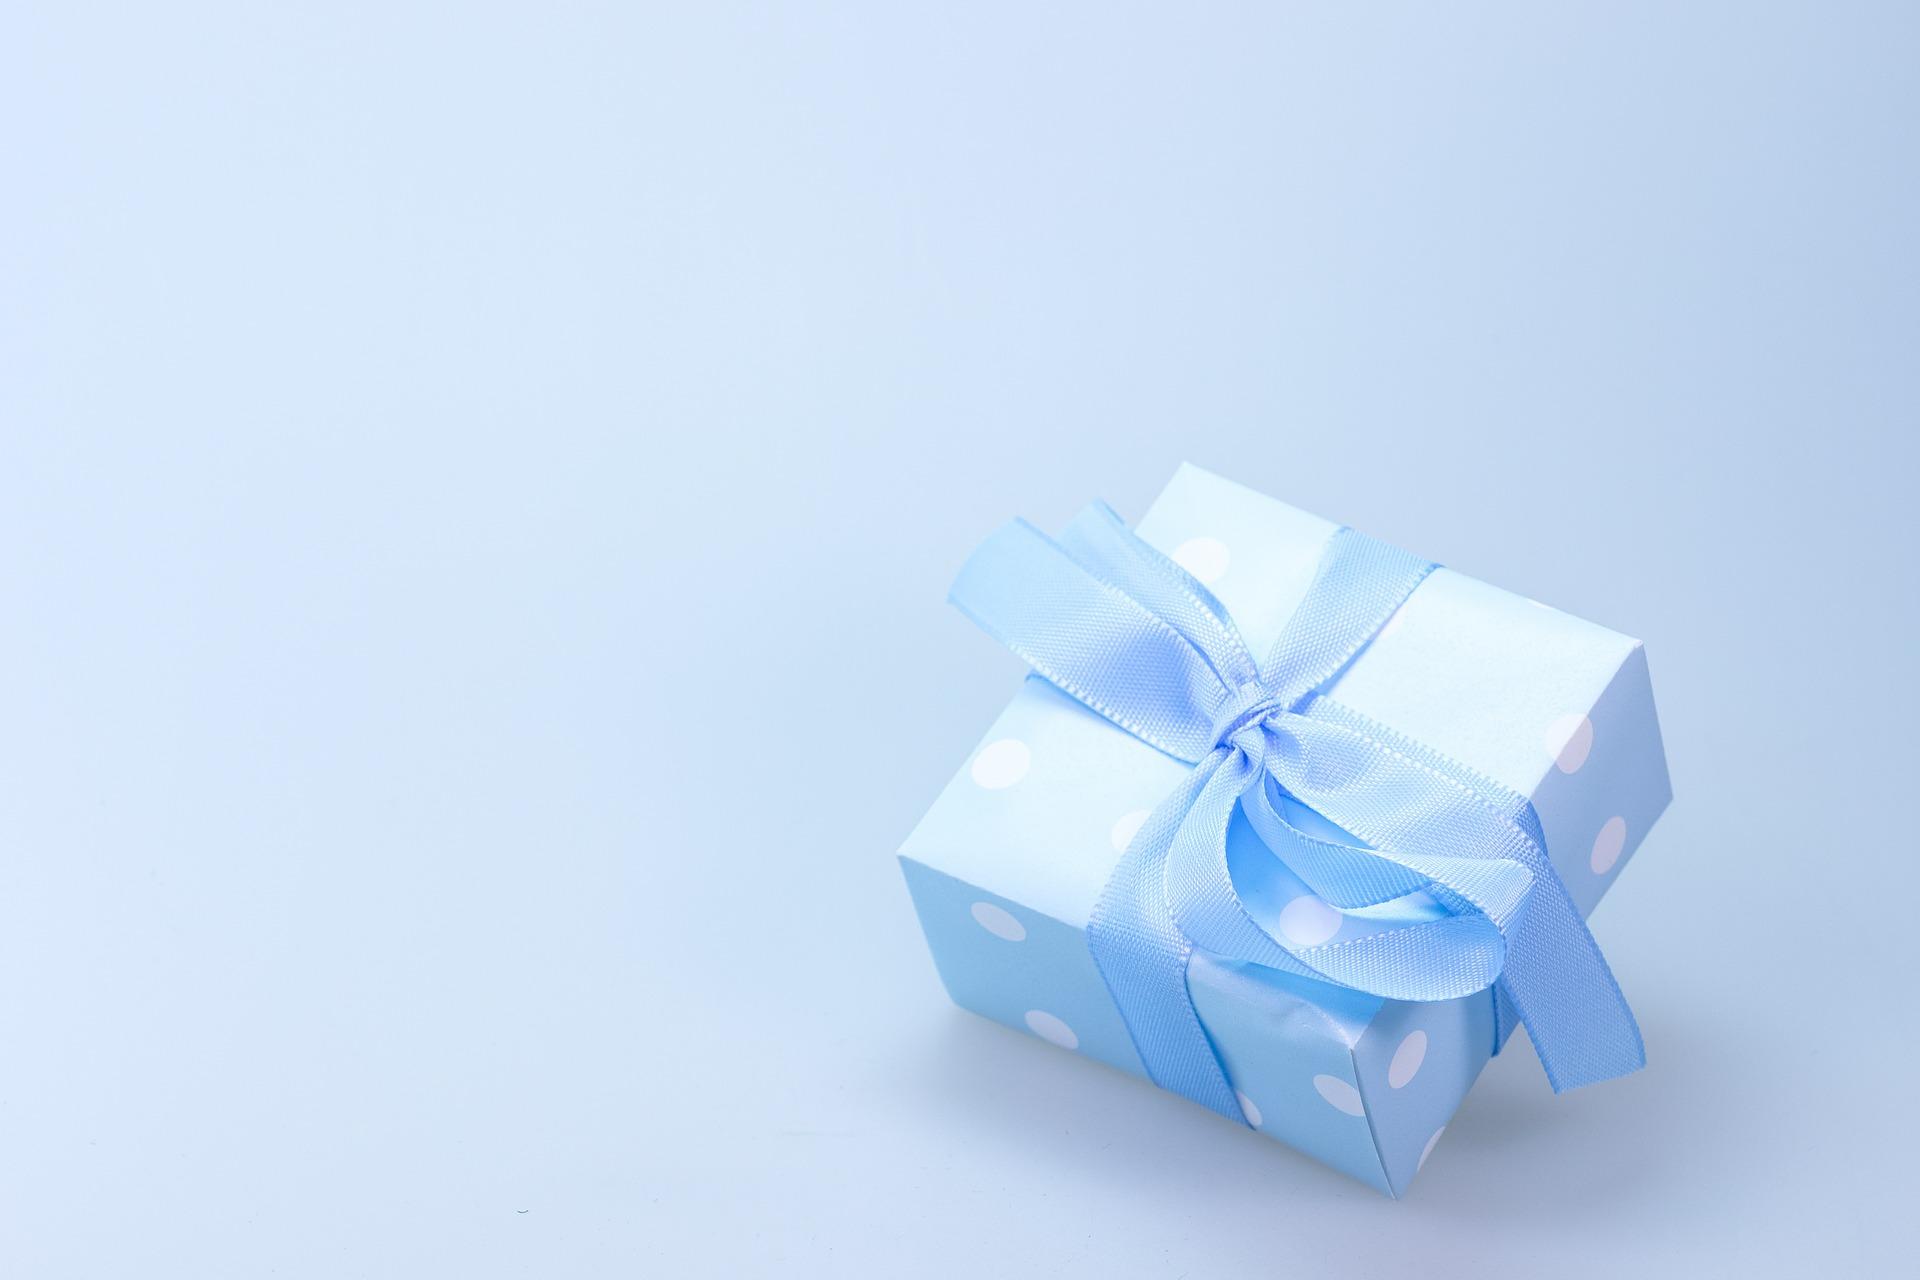 相手の気持ちが詰まったプレゼント